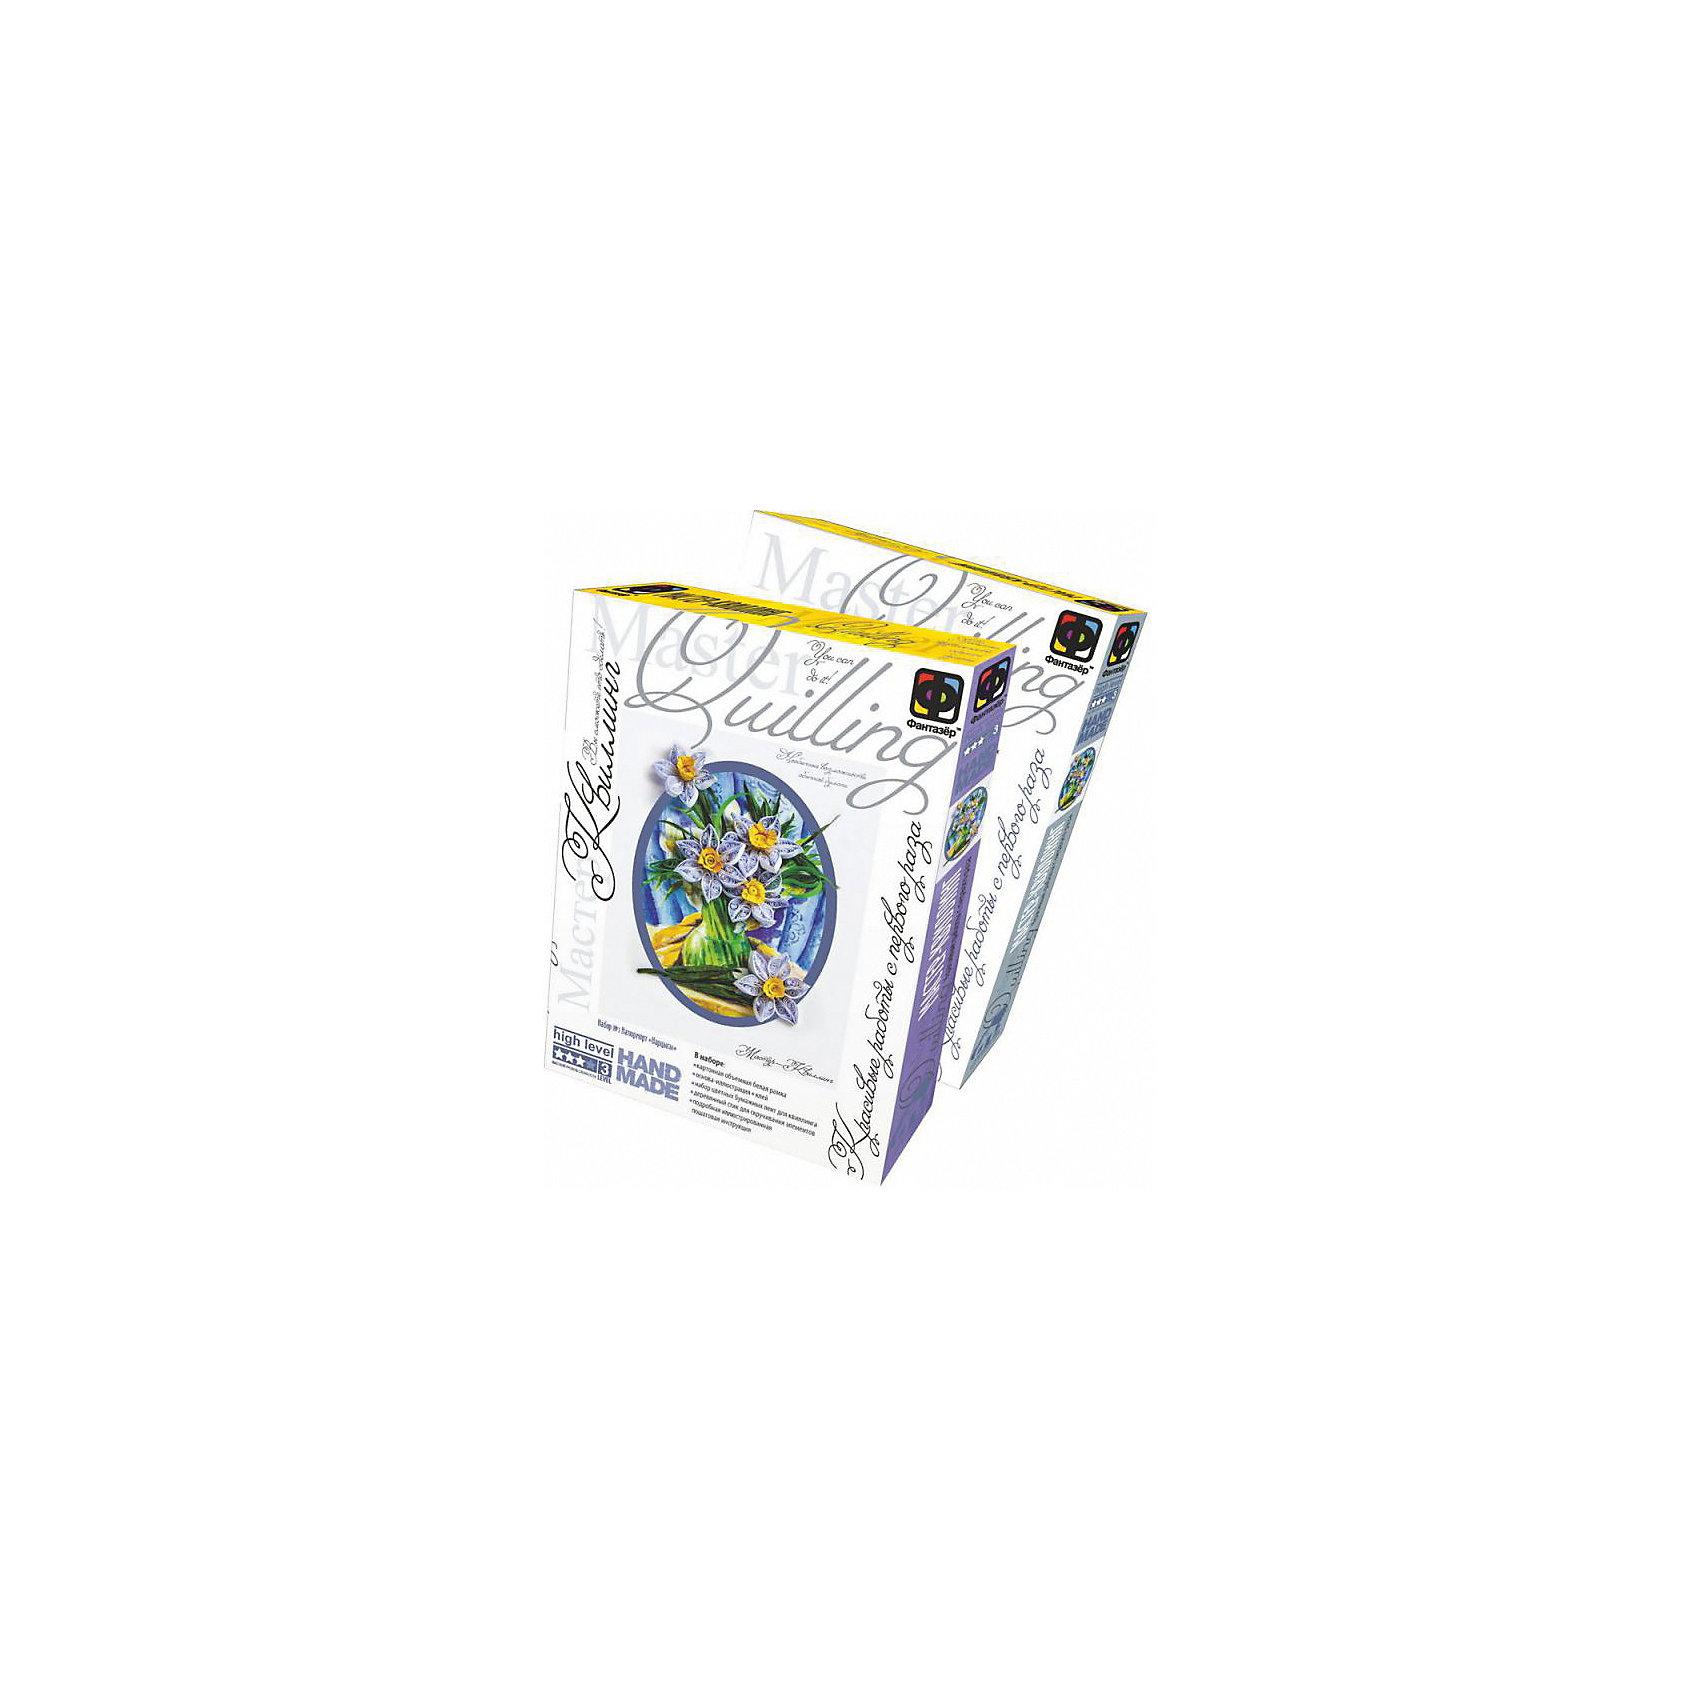 Мастер квиллинг Ромашки, ФантазерБумага<br>Набор для творчества «Мастер-Квиллинг» подходит как для новичков, только осваивающих увлекательную технику бумажной филиграни, так и для опытных мастеров и искушенных любителей этого искусства. В наборе Вы найдете все необходимое для создания бумажных шедевров: акварельная иллюстрация для основы объемной картины, набор цветных бумажных лент, деревянный стик для скручивания элементов, клей и объемную рамку. В подробной иллюстрированной инструкции дано пошаговое описание каждого этапа работы. Состав: бумага, картон, дерево, пластик, клей.<br><br>Дополнительная информация:<br><br>- вес: 214 гр.<br>- размеры упаковки (картонная коробка) (д/ш/в) : 30x22x3,5 см.<br><br>Мастер квиллинг Ромашки, Фантазер можно купить в нашем магазине.<br><br>Ширина мм: 35<br>Глубина мм: 305<br>Высота мм: 225<br>Вес г: 420<br>Возраст от месяцев: 84<br>Возраст до месяцев: 144<br>Пол: Женский<br>Возраст: Детский<br>SKU: 3370607